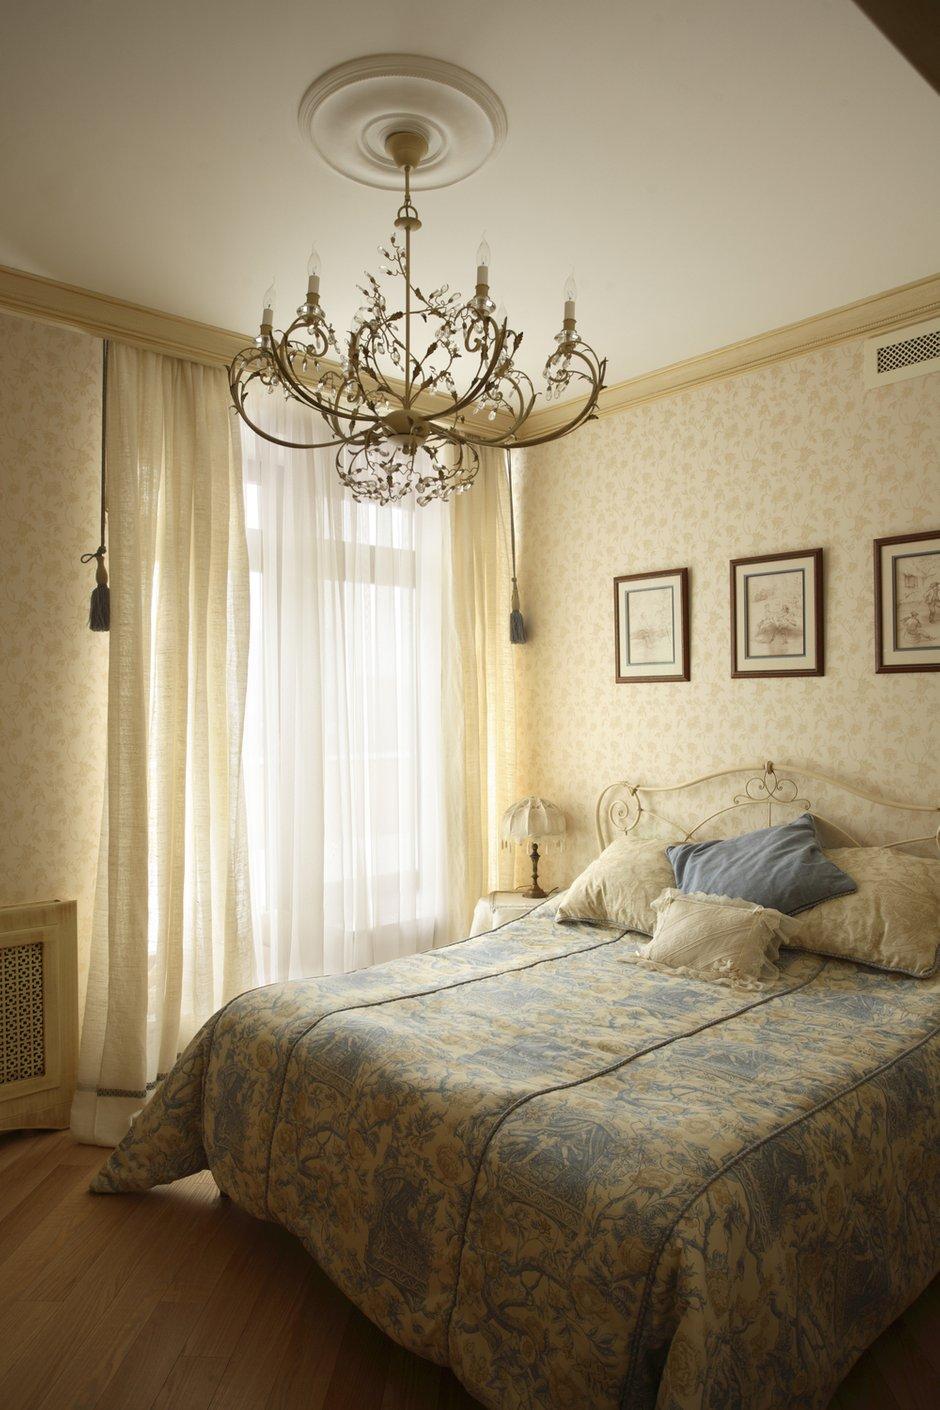 Фотография: Спальня в стиле Прованс и Кантри, Классический, Современный, Квартира, Дома и квартиры, Модерн, Ар-нуво – фото на INMYROOM